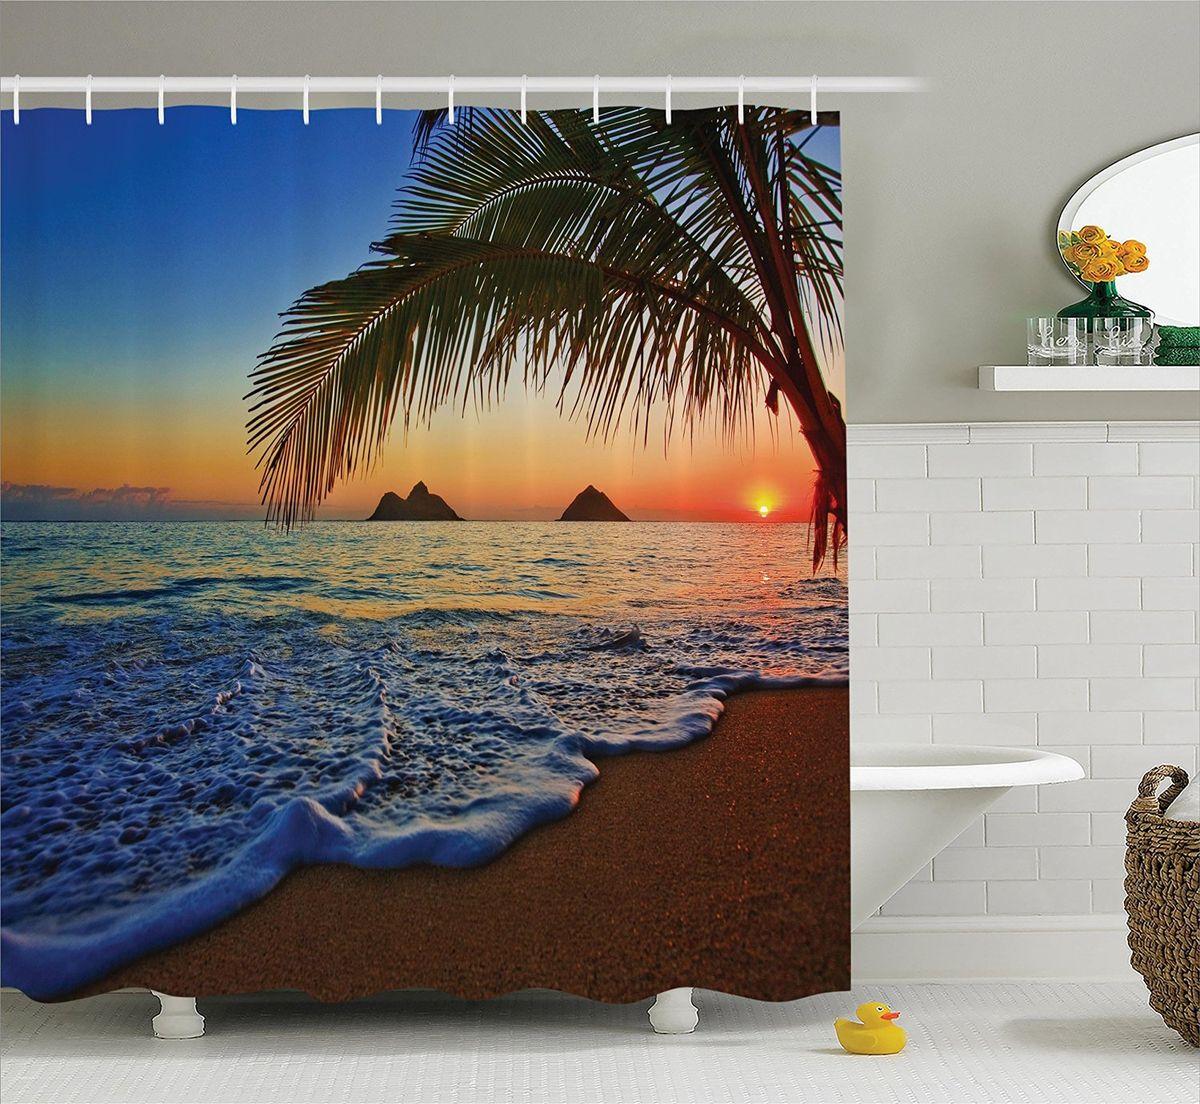 Штора для ванной комнаты Magic Lady Закат под пальмой, 180 х 200 смшв_12298Штора Magic Lady Закат под пальмой, изготовленная из высококачественного сатена (полиэстер 100%), отлично дополнит любой интерьер ванной комнаты. При изготовлении используются специальные гипоаллергенные чернила для прямой печати по ткани, безопасные для человека.В комплекте: 1 штора, 12 крючков. Обращаем ваше внимание, фактический цвет изделия может незначительно отличаться от представленного на фото.